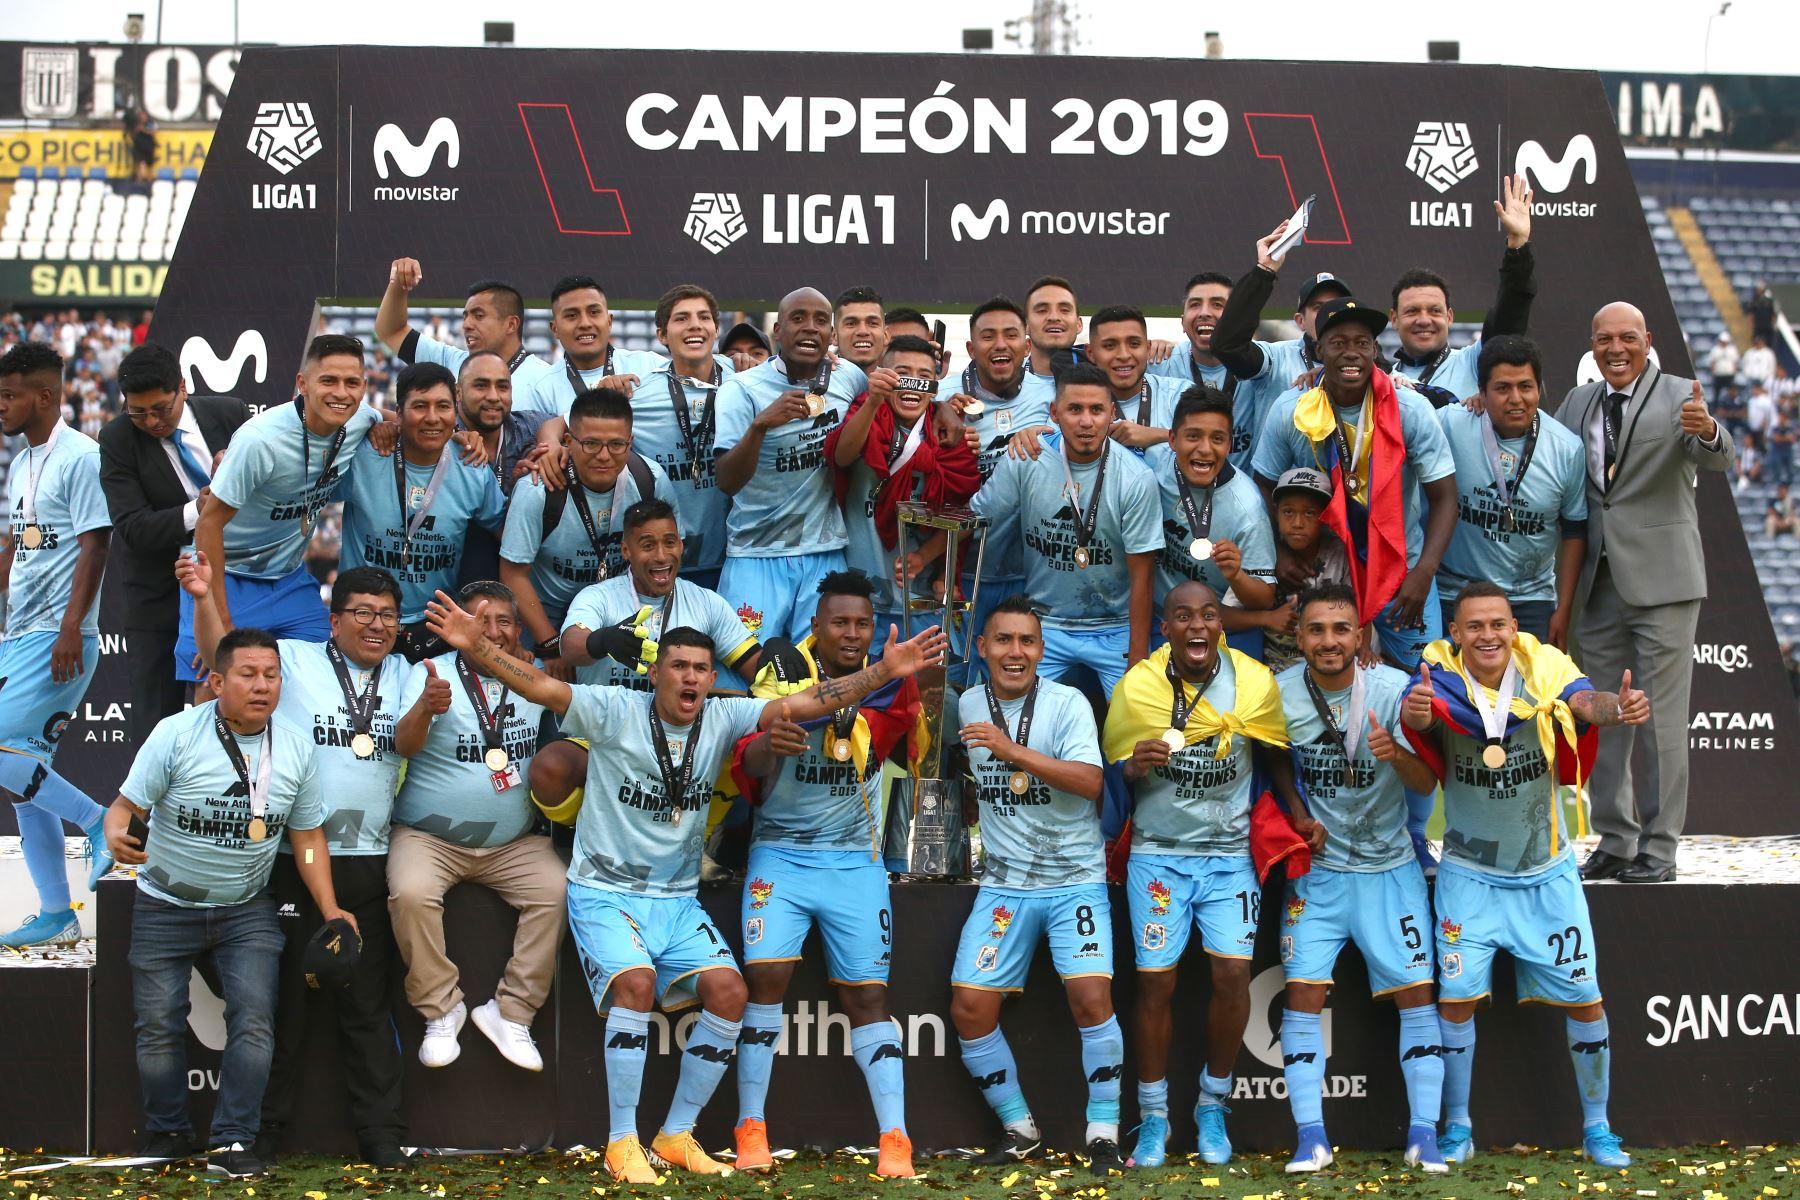 Binacional, el campeón nacional que llevó la fiesta a Puno ...